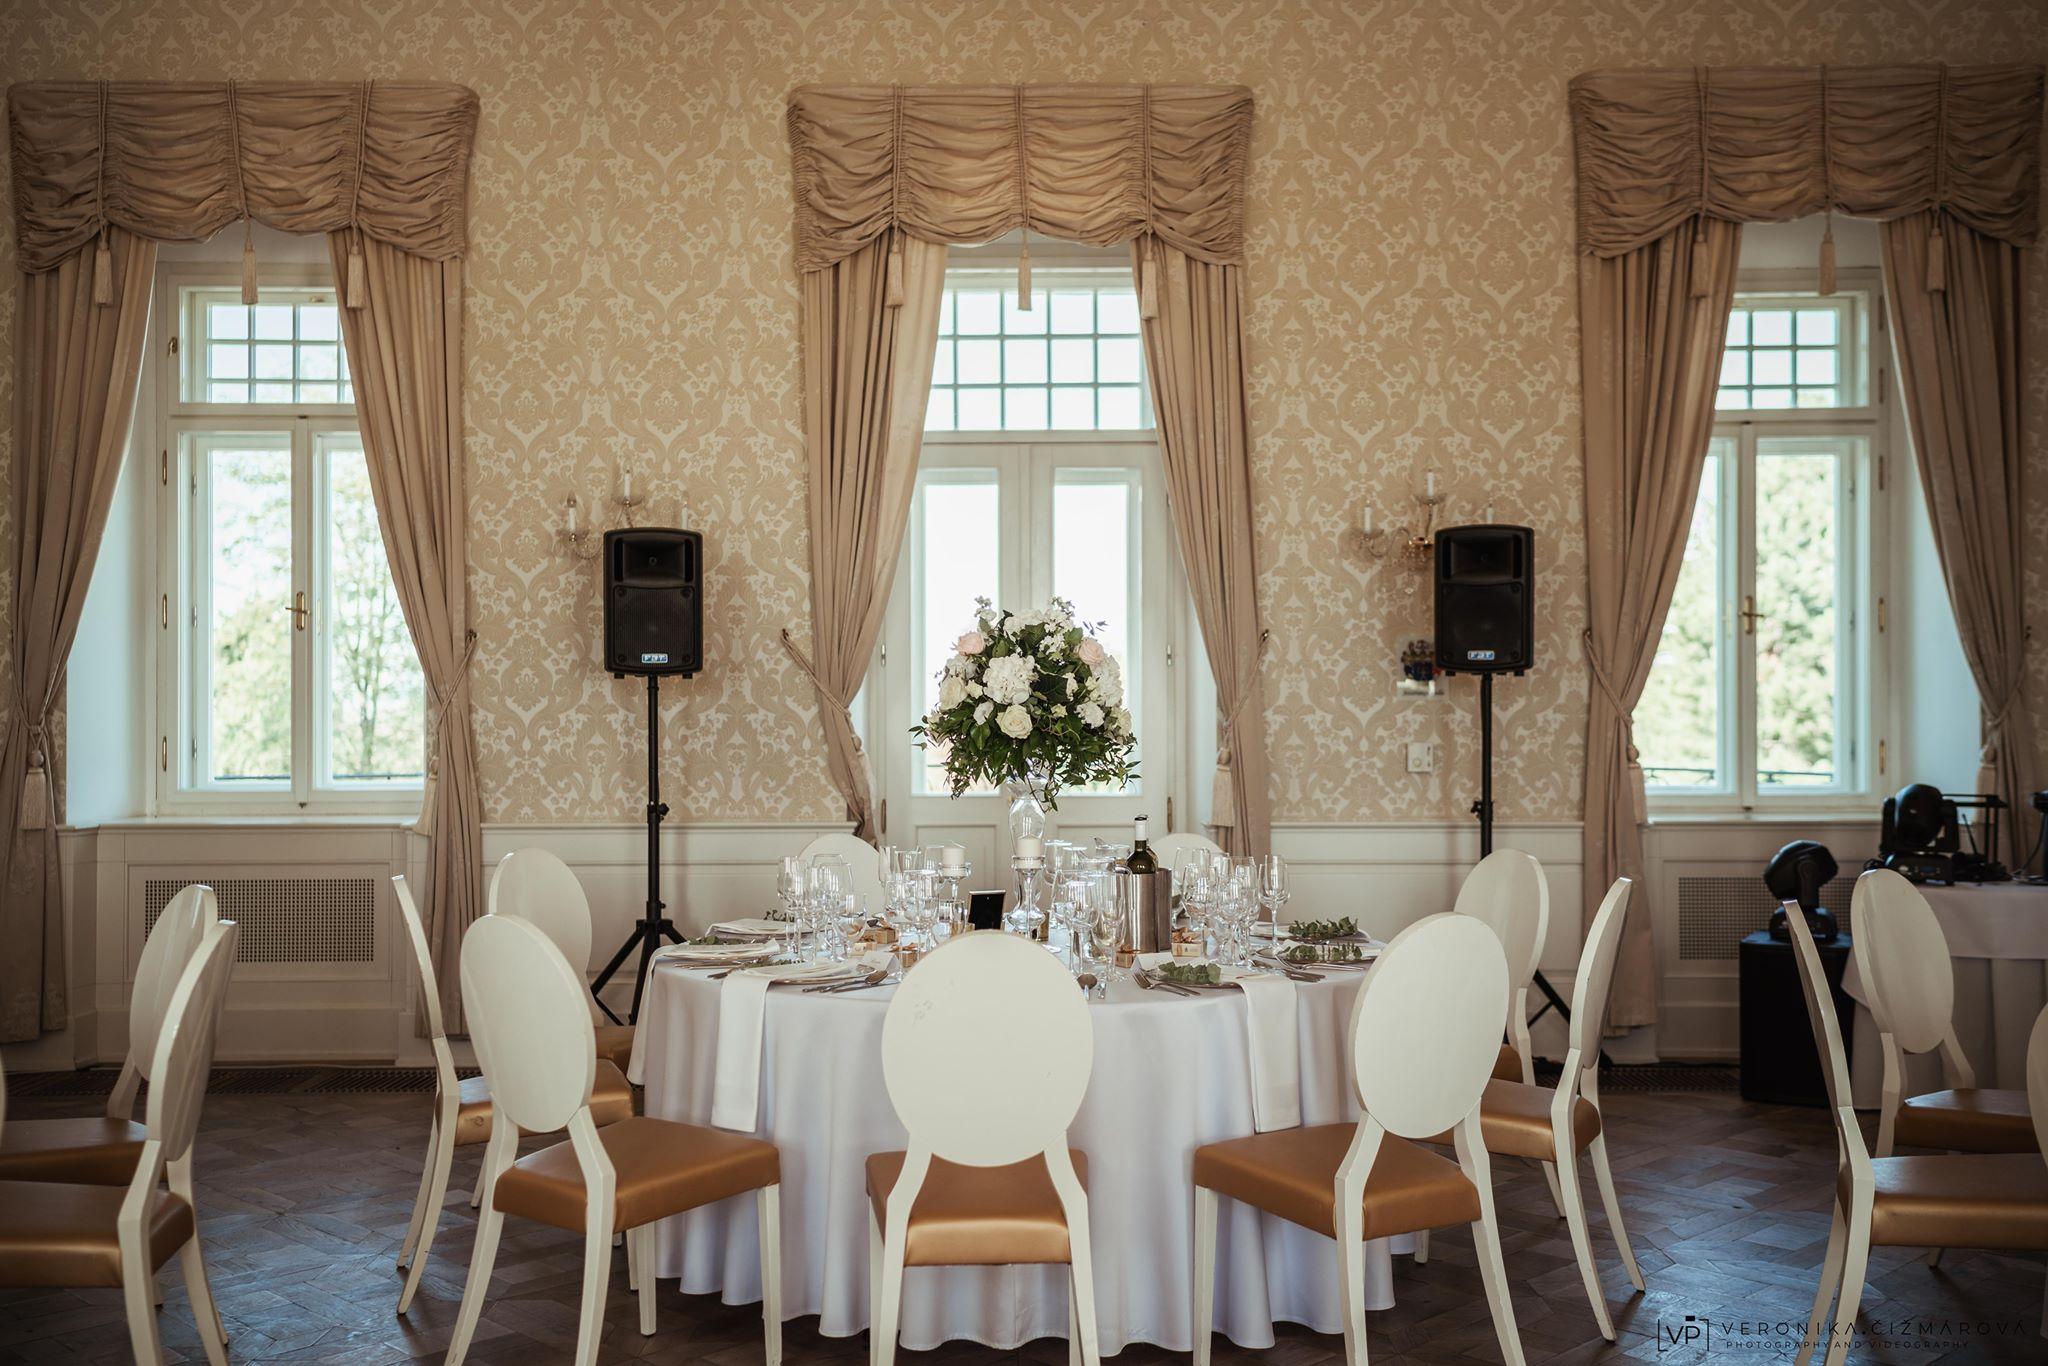 ozvuenie-saly-svadba-art-hotel-kastiel-referencie-skusenosti-cenajpg